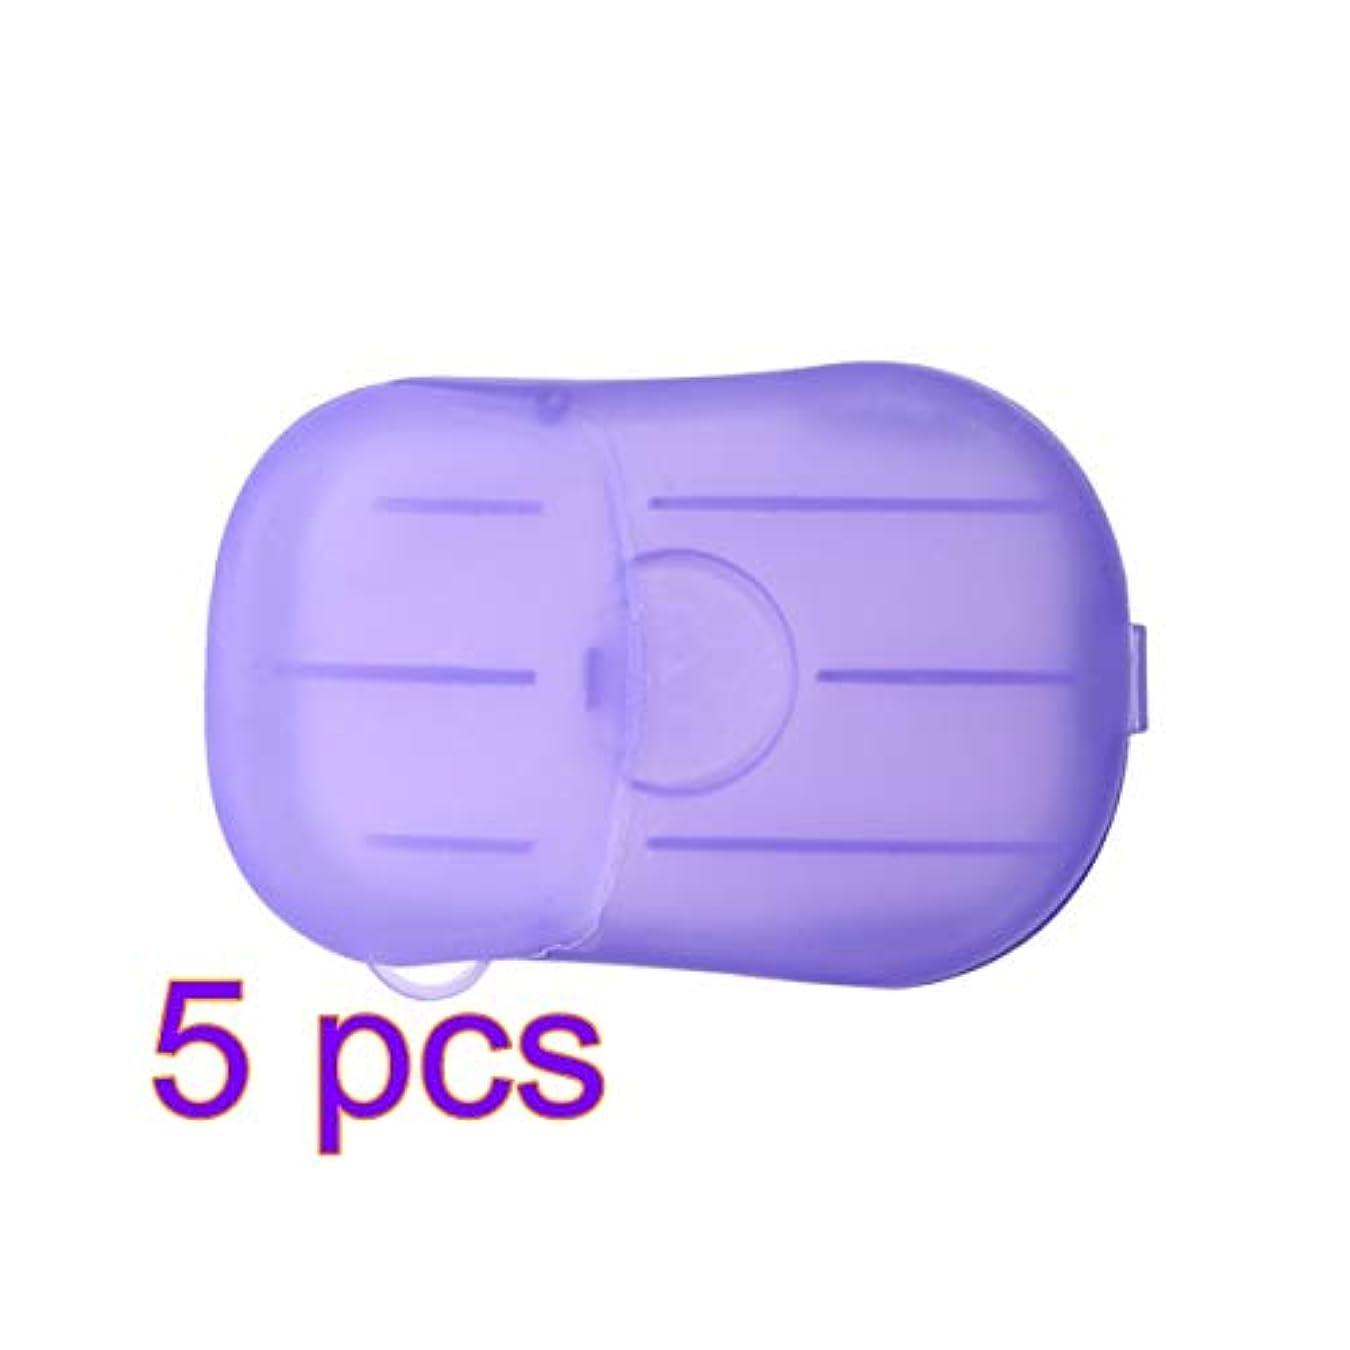 子孫ふりをするリードLIOOBO 5セットポータブルソープペーパー使い捨て手洗いペーパーソープスライスシーツ子供用大人トイレ旅行屋外用(パープル)